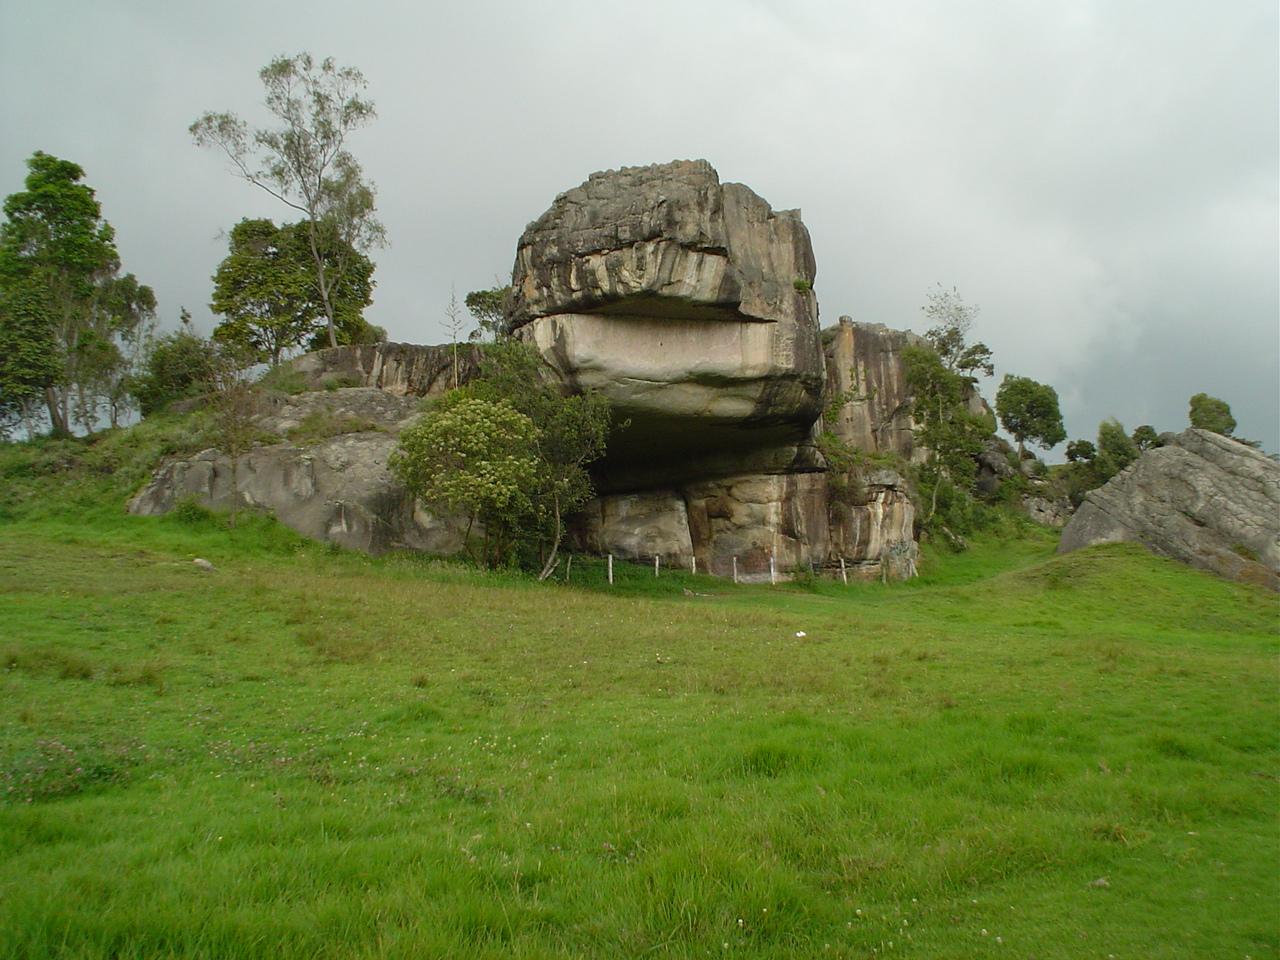 http://encolombia.com/el-turismo/destinos-turisticos/destinos-colombianos/cundinamarca/parque-arqueologico-piedras-del-tunjo/